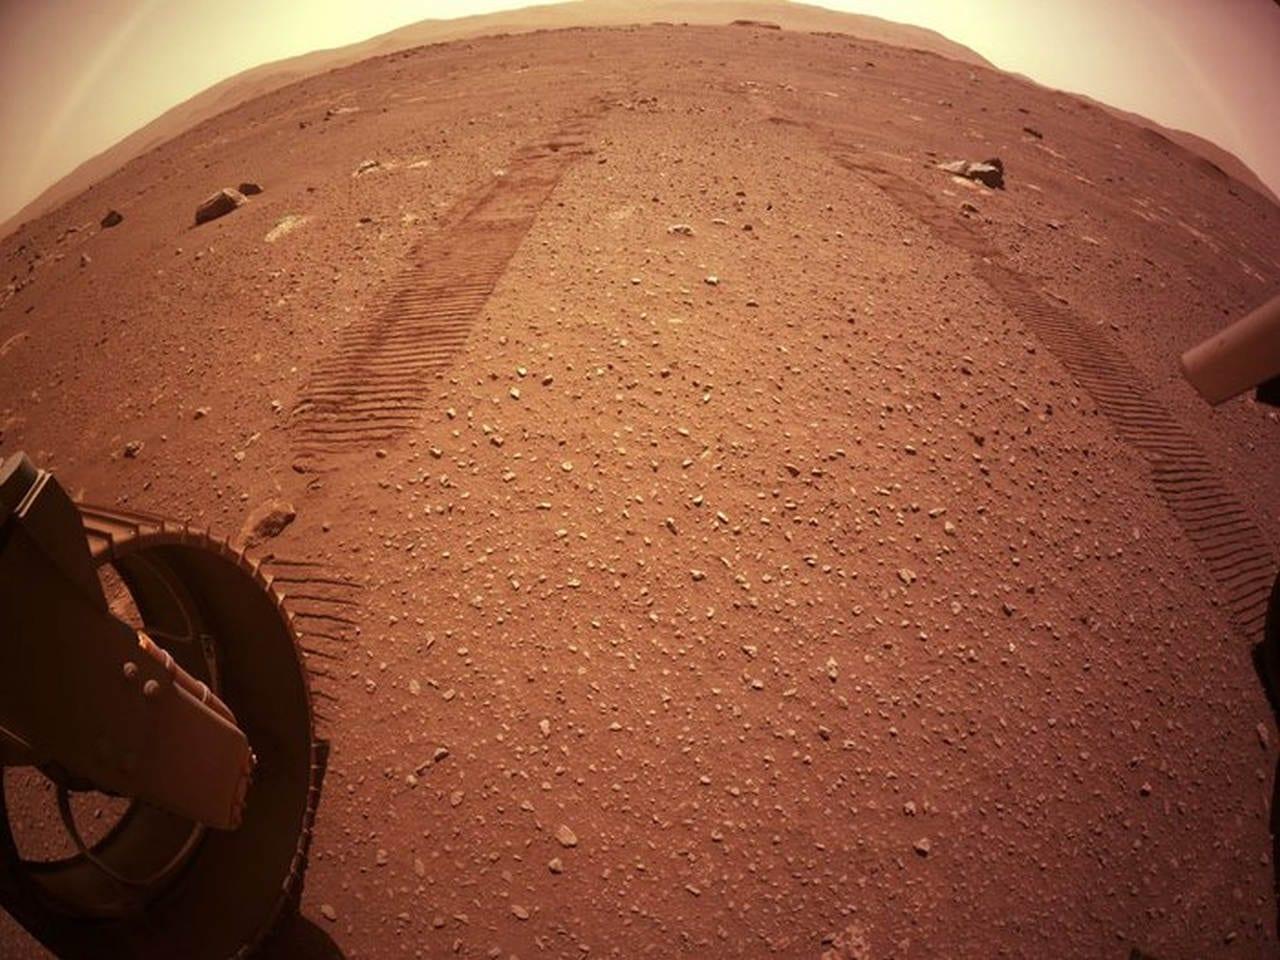 tracce rover marte - Perseverance cammina su Marte. Le nuove immagini, in vista di un super test